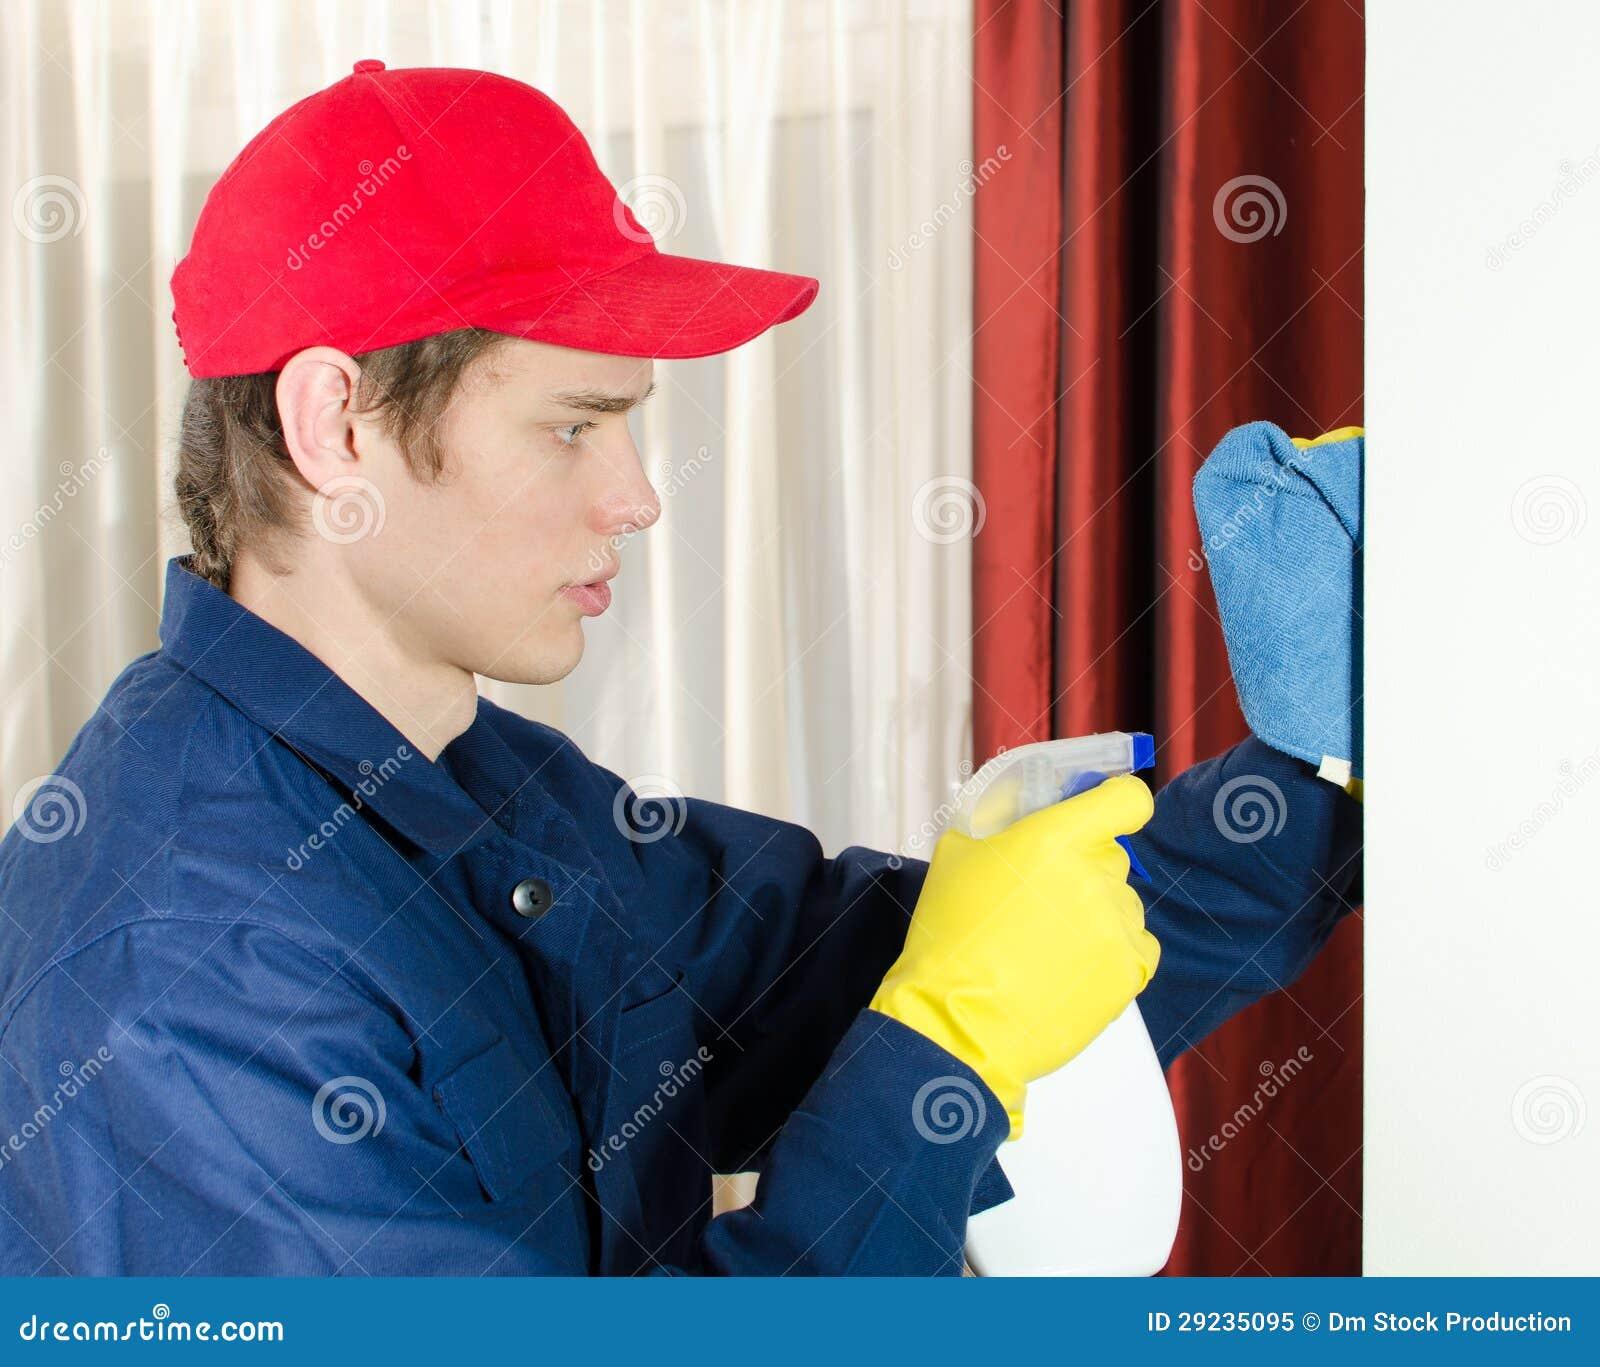 Junger männlicher Reiniger mit Hilfsmitteln.